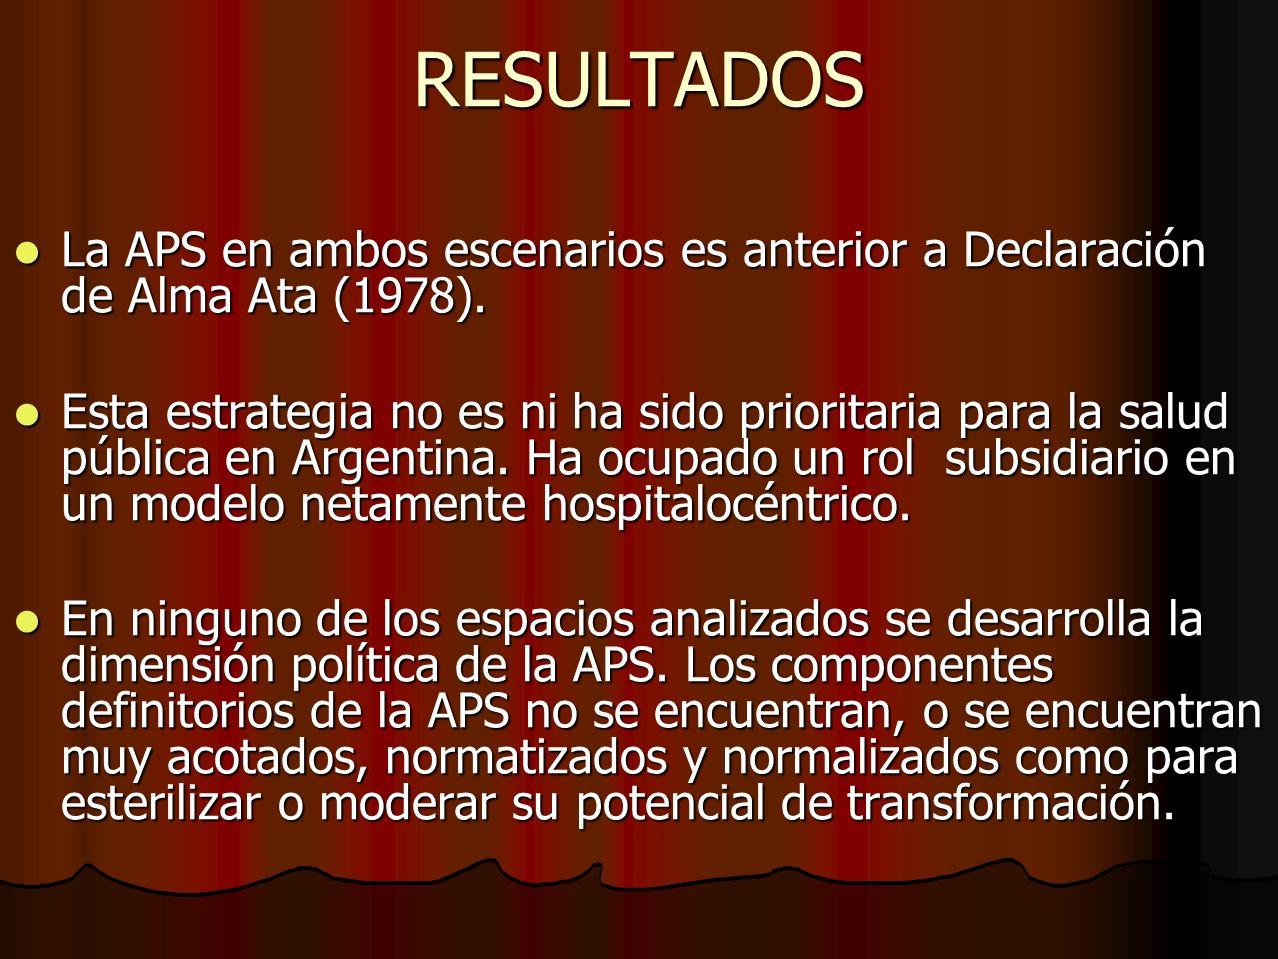 RESULTADOS La APS en ambos escenarios es anterior a Declaración de Alma Ata (1978). La APS en ambos escenarios es anterior a Declaración de Alma Ata (